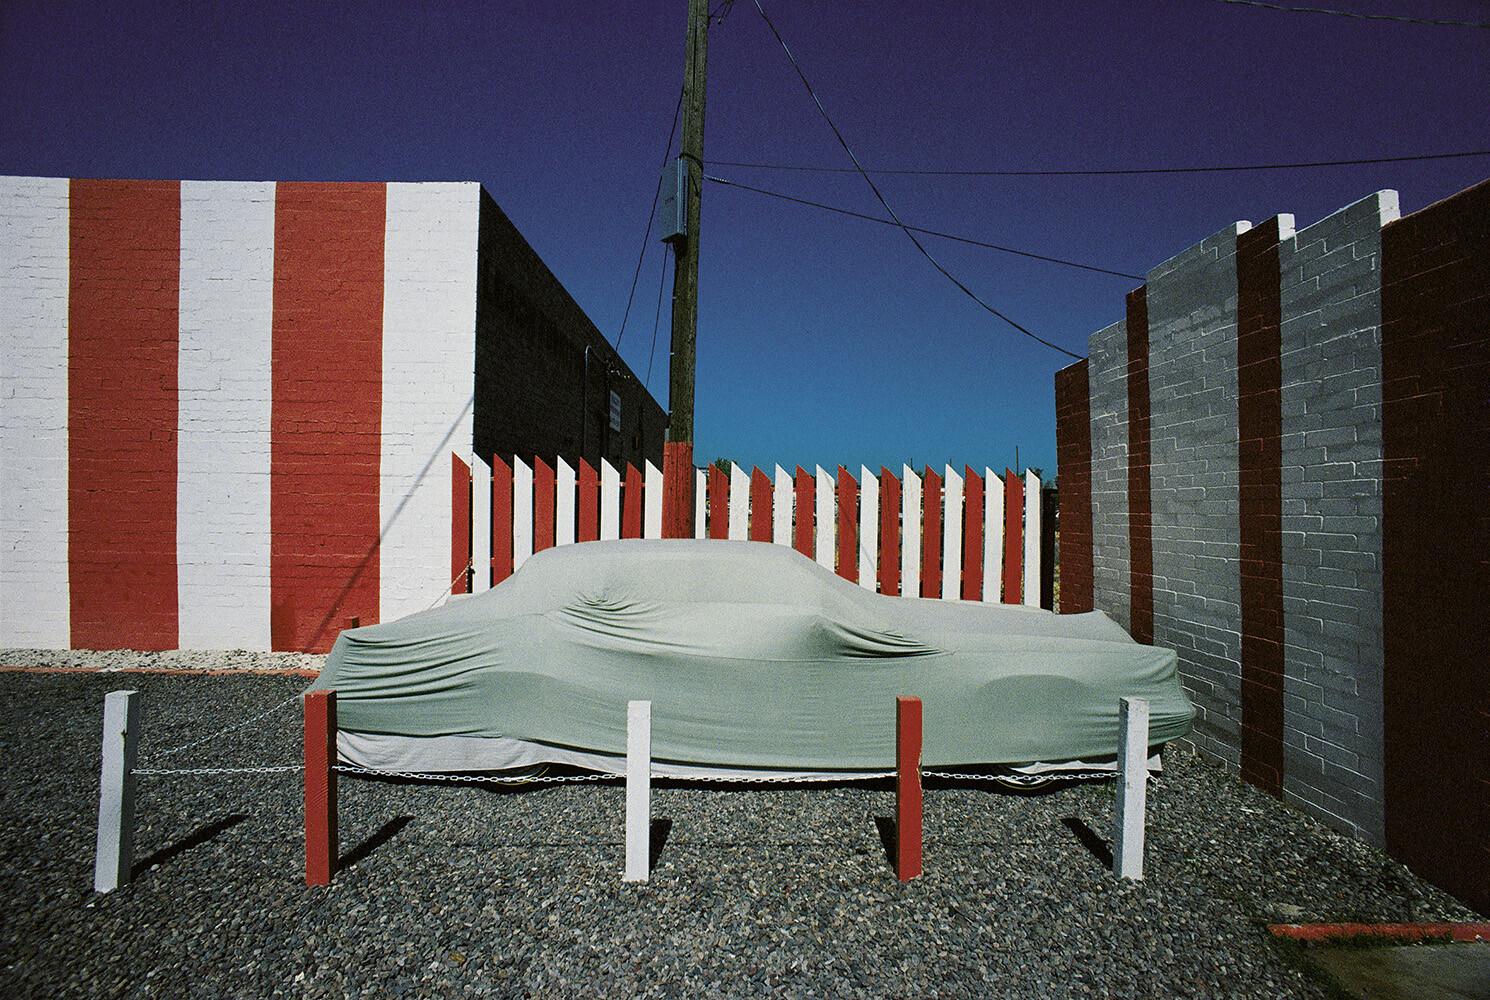 Аризона, Феникс, 1979. Фотограф Франко Фонтана